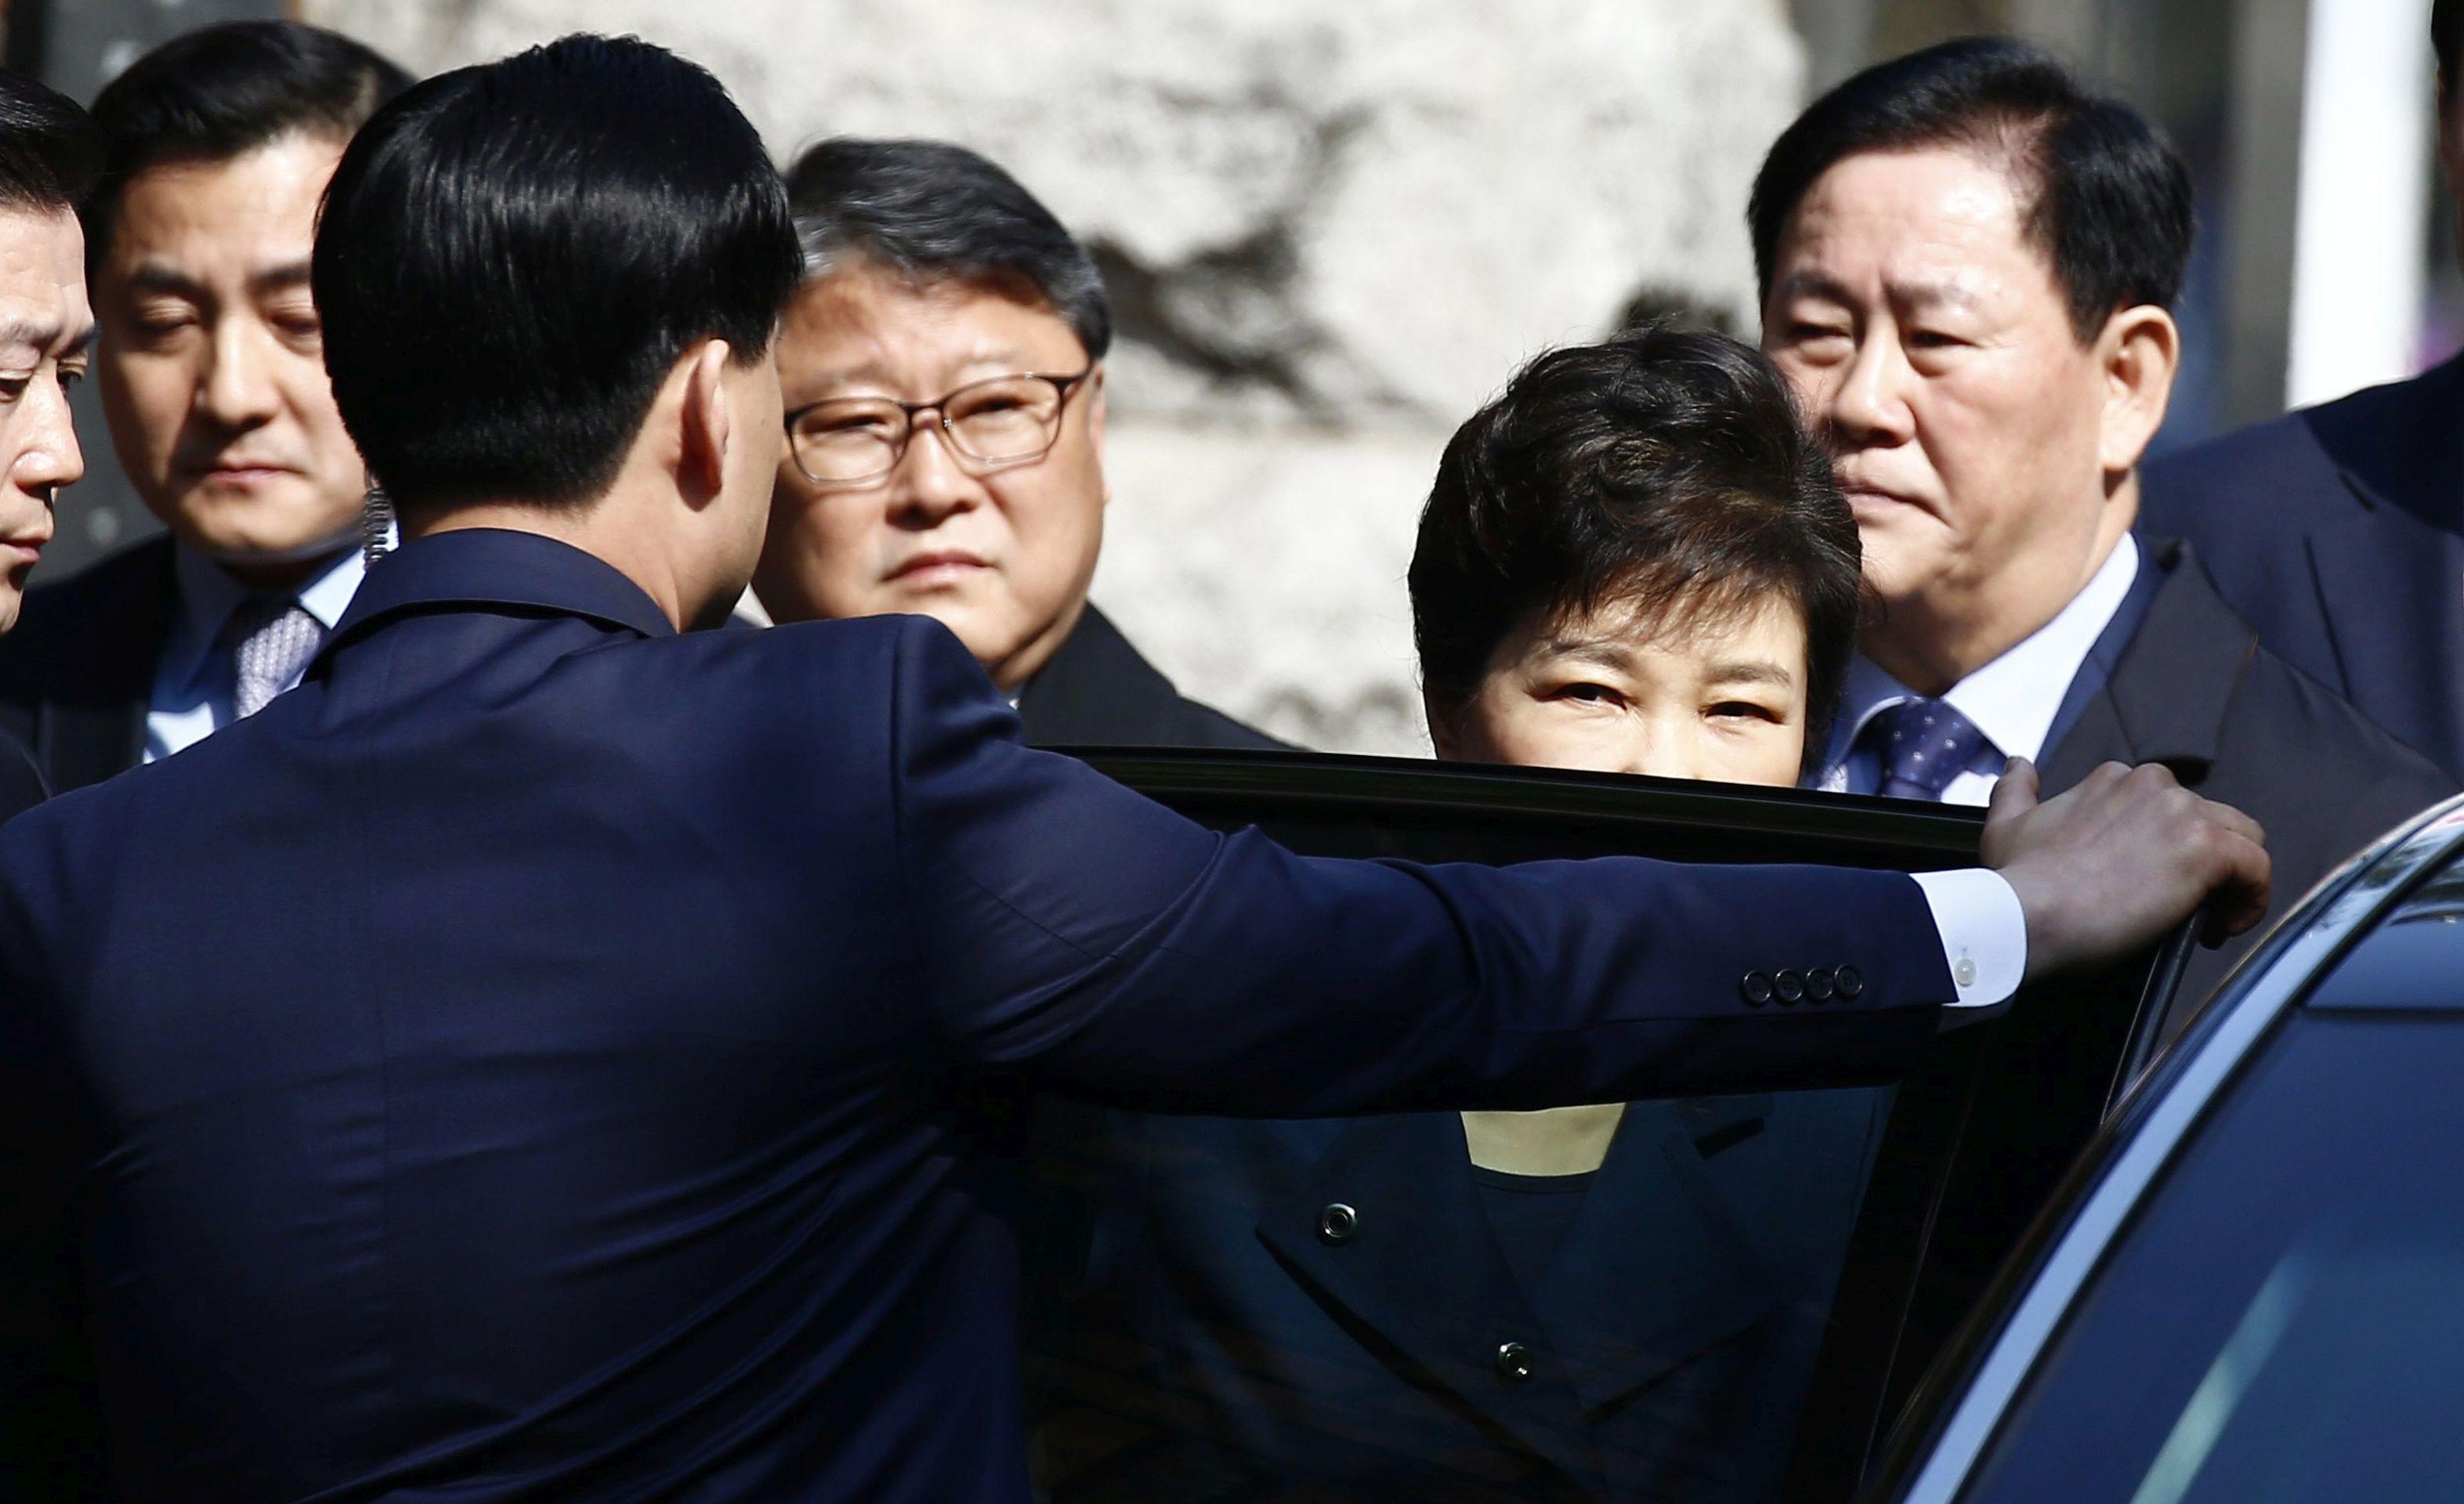 Južnokorejski sud potvrdio uhidbeni nalog za bivšu predsjednicu Park Geun-hye